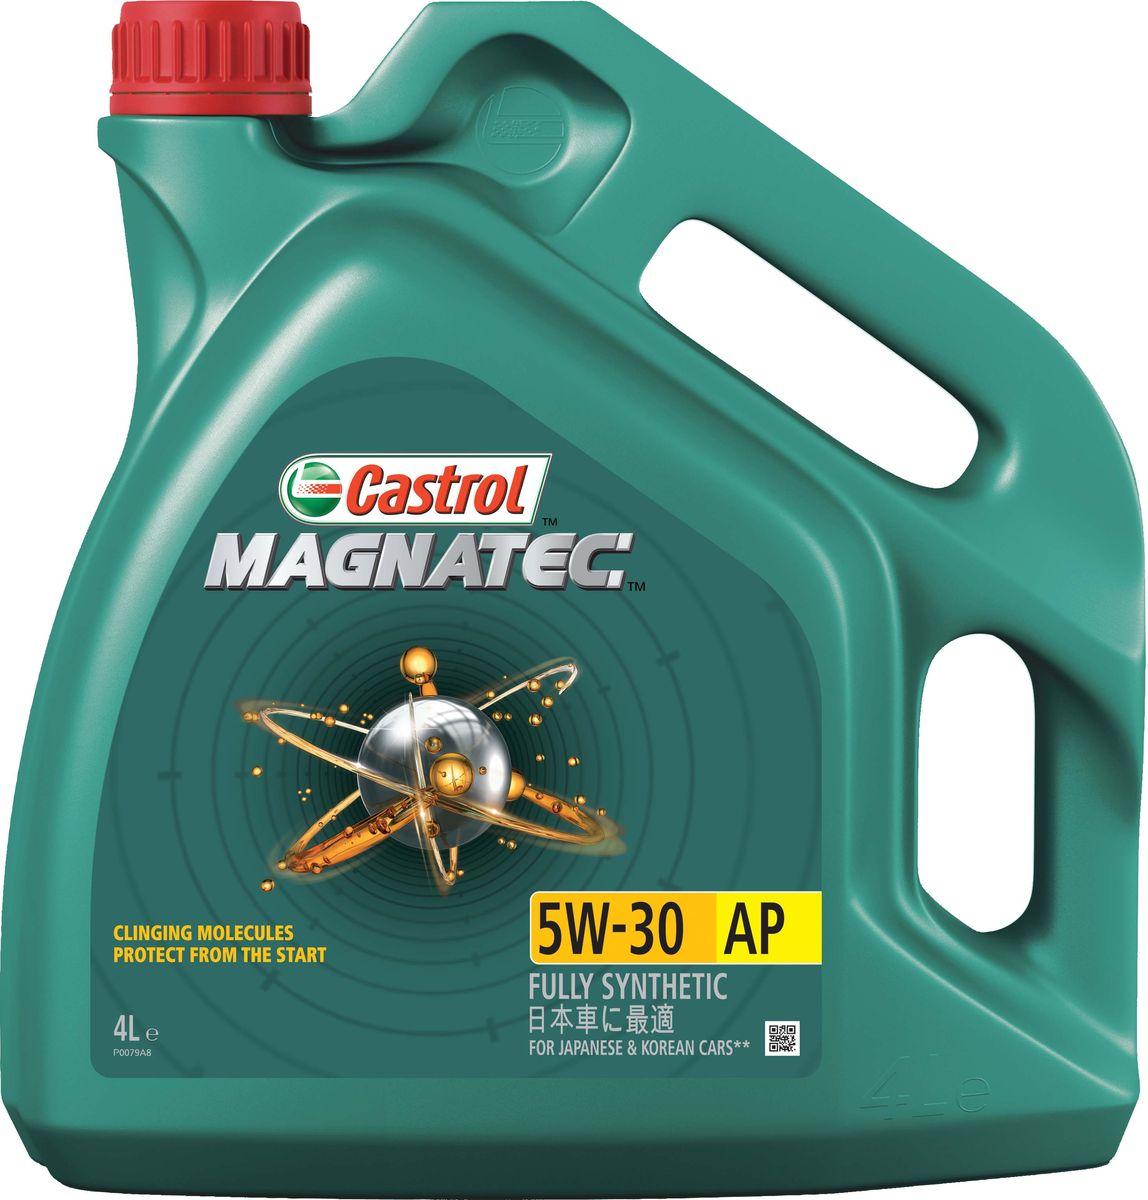 Моторное масло Castrol Magnatec 5W-30 AP, 4 л155BA8Описание До 75% износа двигателя происходит во время его пуска и прогрева. Когда двигатель выключен, обычное масло стекает в поддон картера, оставляя важнейшие детали двигателя незащищенными. Молекулы Castrol Magnatec подобно магниту притягиваются к деталям двигателя и образуют сверхпрочную масляную пленку, обеспечивающую дополнительную защиту двигателя в период пуска, когда риск возникновения износа существенно возрастает. Всесезонное полностью синтетическое моторное масло Castrol Magnatec 5W-30 AP разработано специально для двигателей японских и корейских автопроизводителей. Применение Моторное масло Castrol Magnatec 5W-30 AP подходит для применения в бензиновых двигателях, в которых производитель рекомендует использовать смазочные материалы соответствующие классу вязкости SAE 5W-30 и спецификациям API SN, ILSAC GF-5 или более ранним. Преимущества Молекулы Castrol Magnatec Intelligent Molecules: - удерживаются на важнейших деталях двигателя, когда обычное масло стекает в поддон...